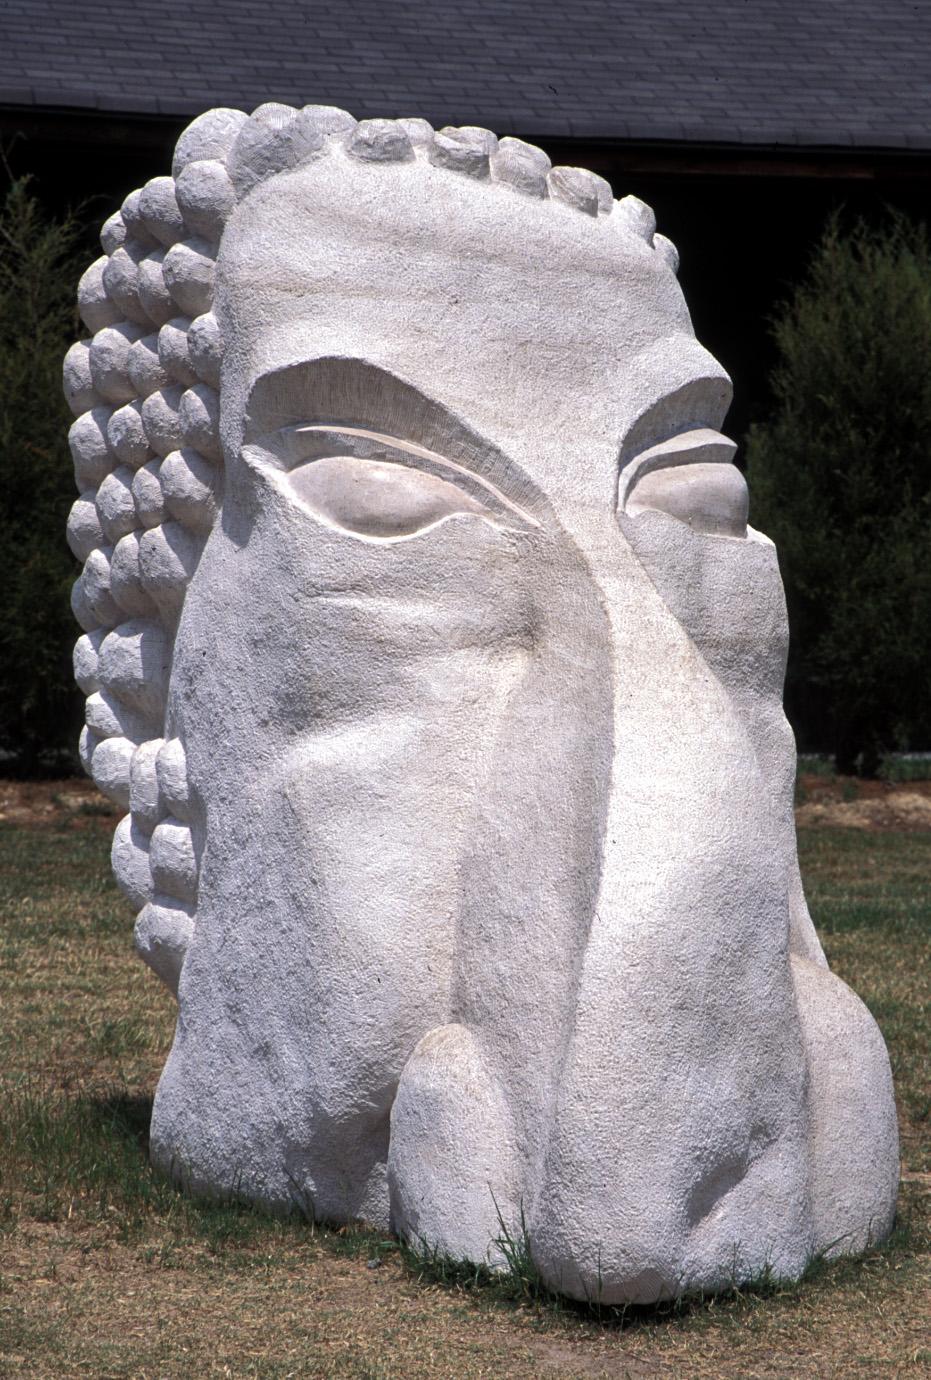 Limestone, 5' x 6' x 4'